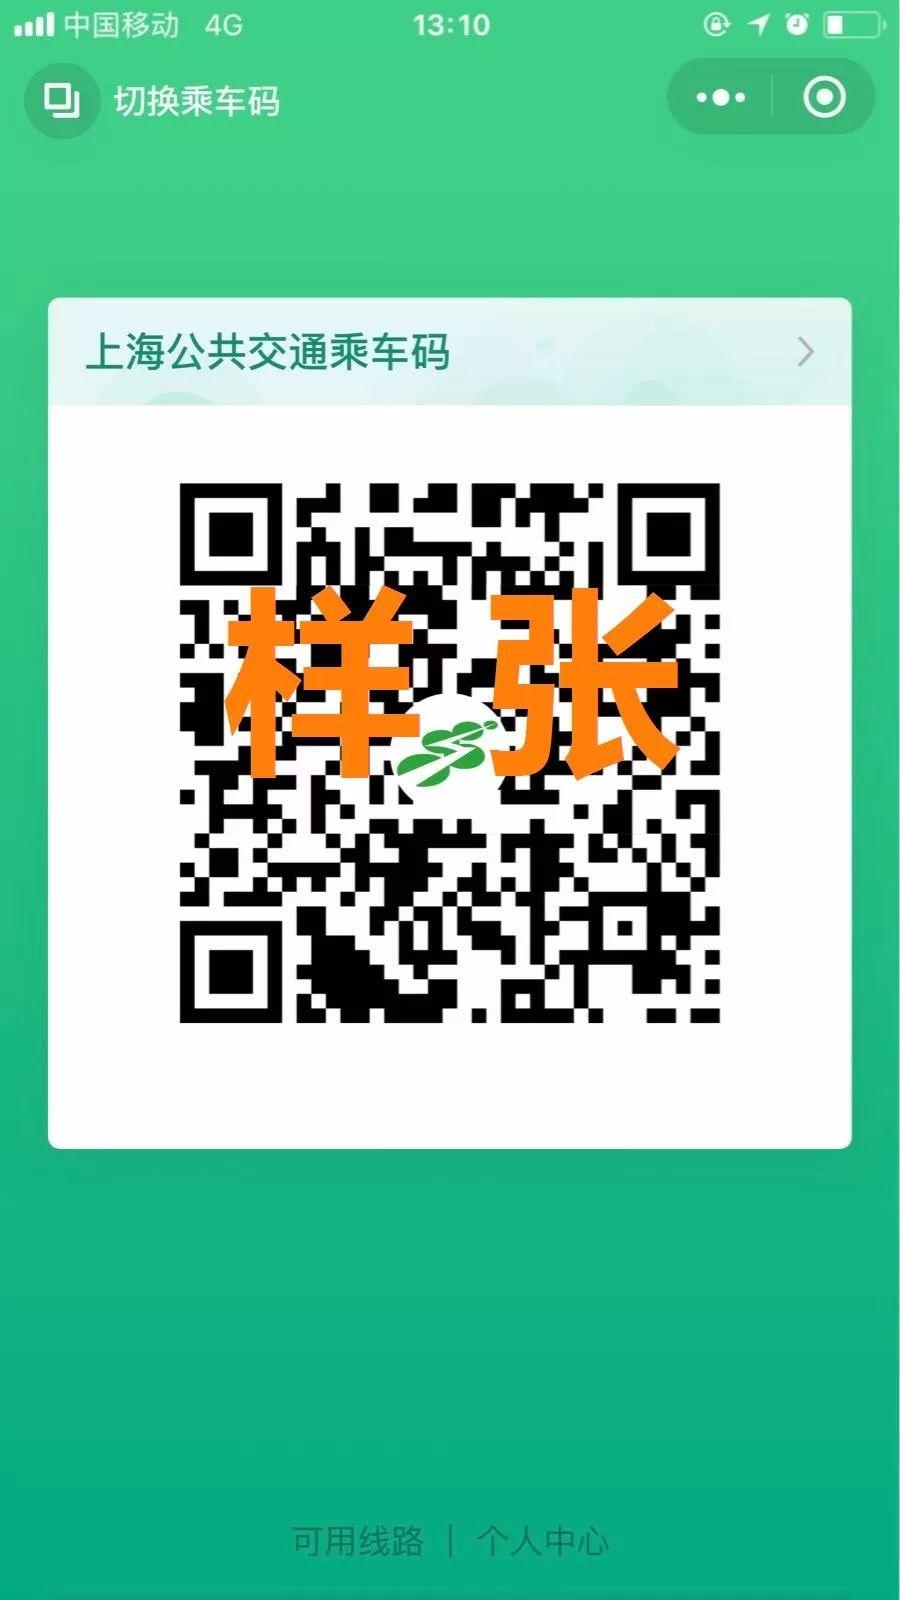 上海实现公交微信扫码乘车 可先乘车,后付费还享受换乘优惠